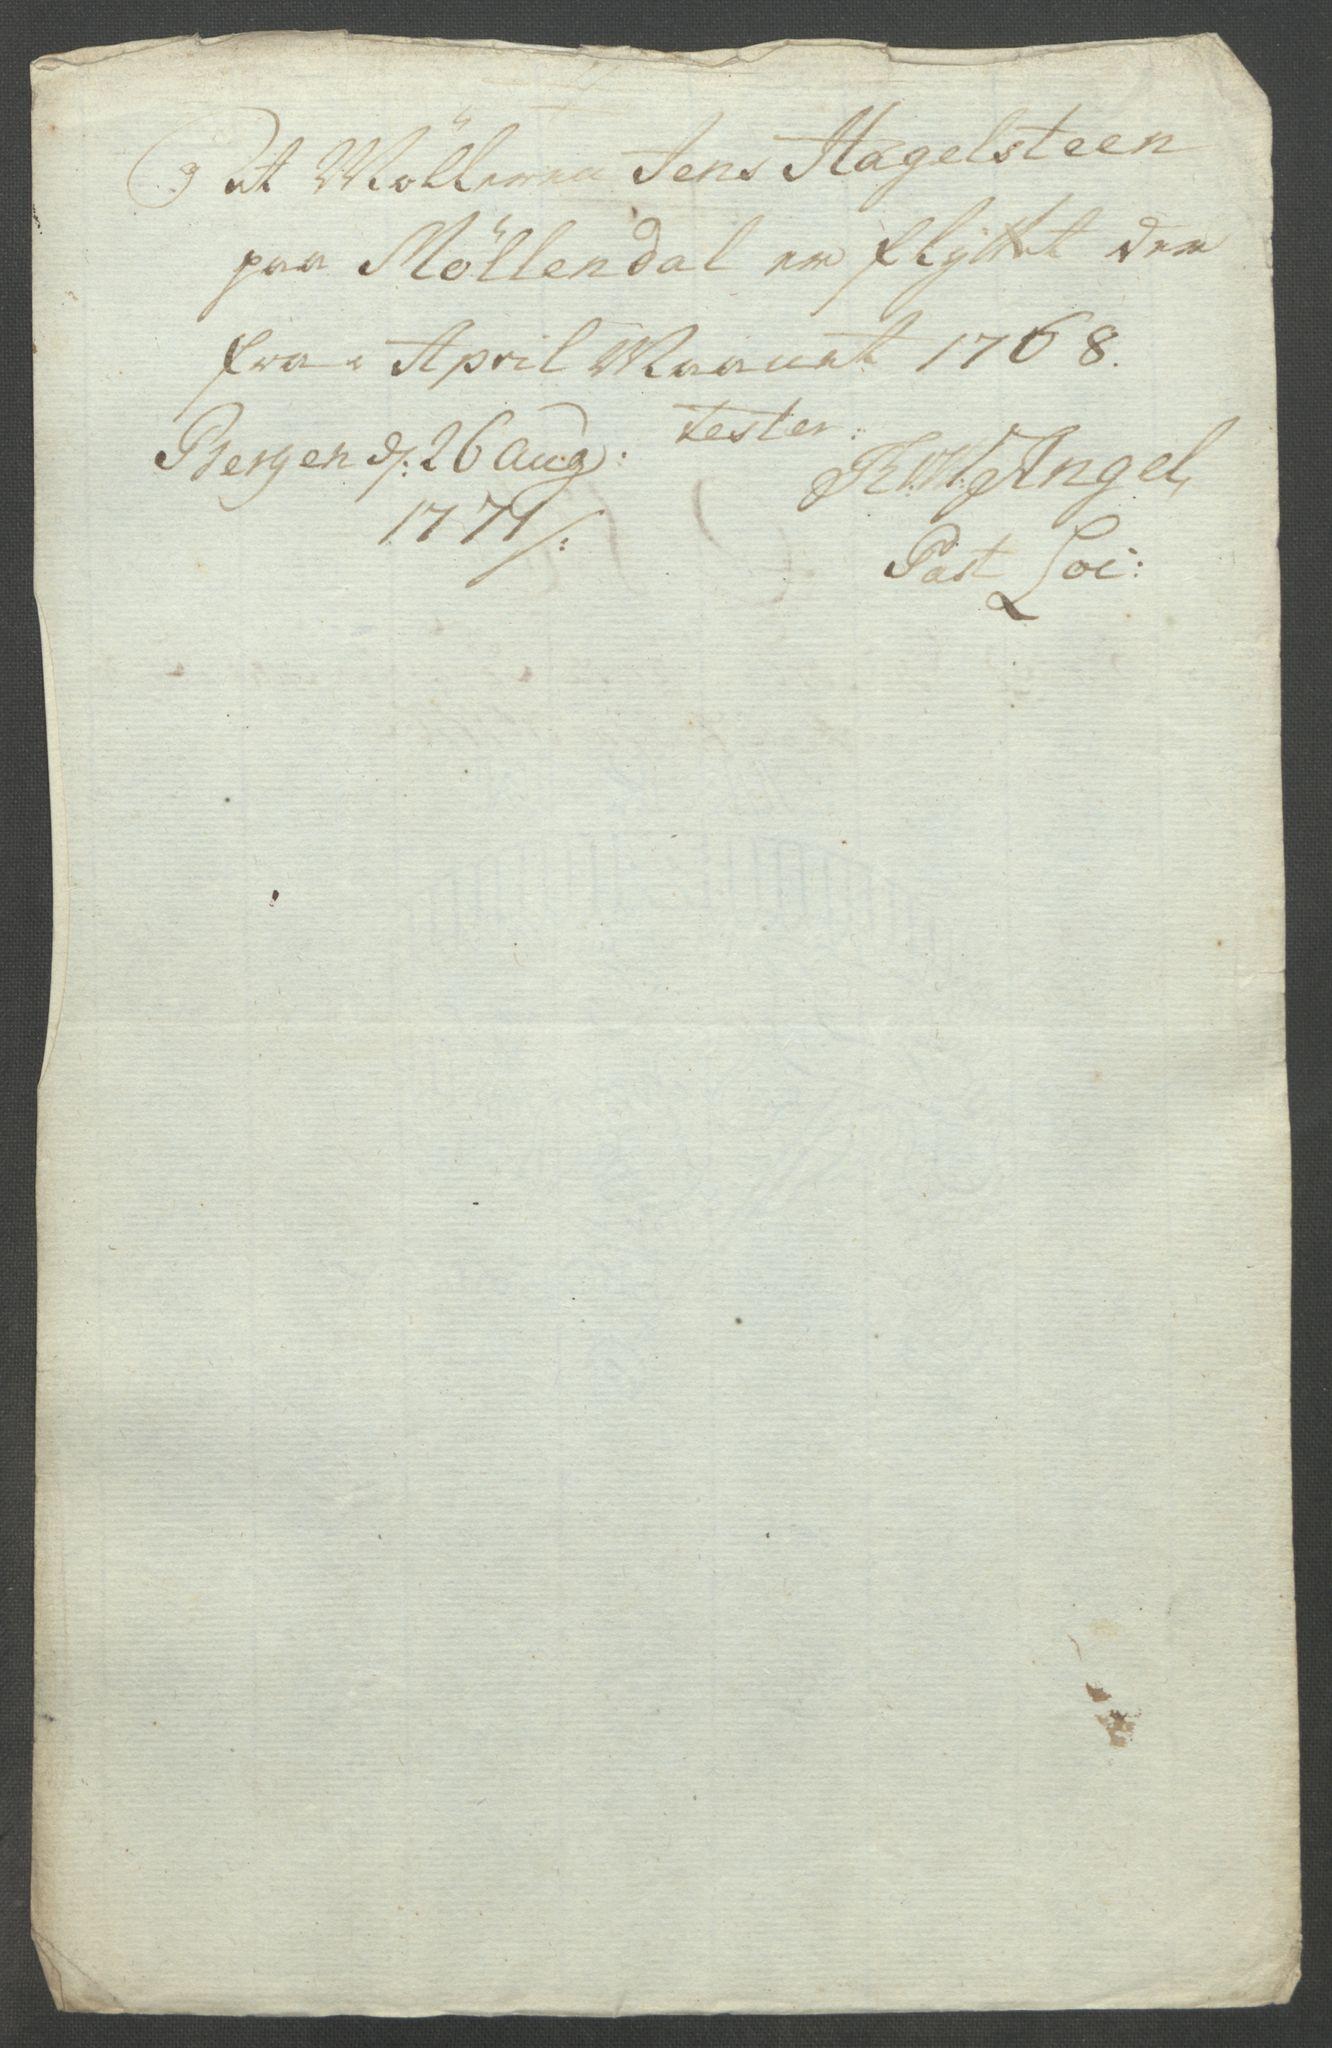 RA, Rentekammeret inntil 1814, Reviderte regnskaper, Fogderegnskap, R51/L3303: Ekstraskatten Nordhordland og Voss, 1762-1772, s. 412